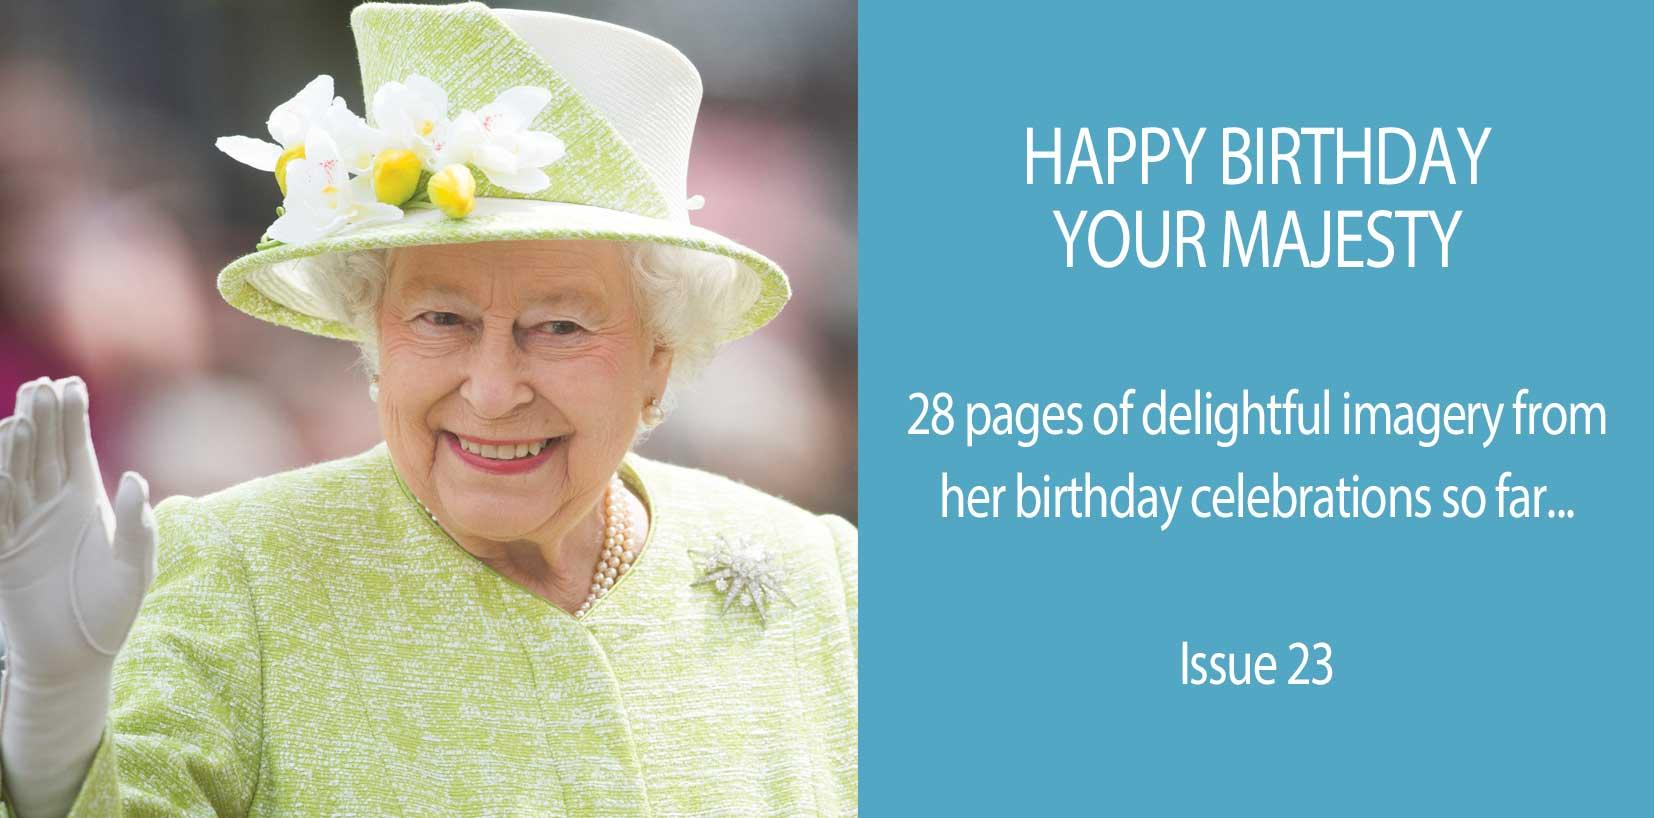 23_Birthdaycelebrations_2